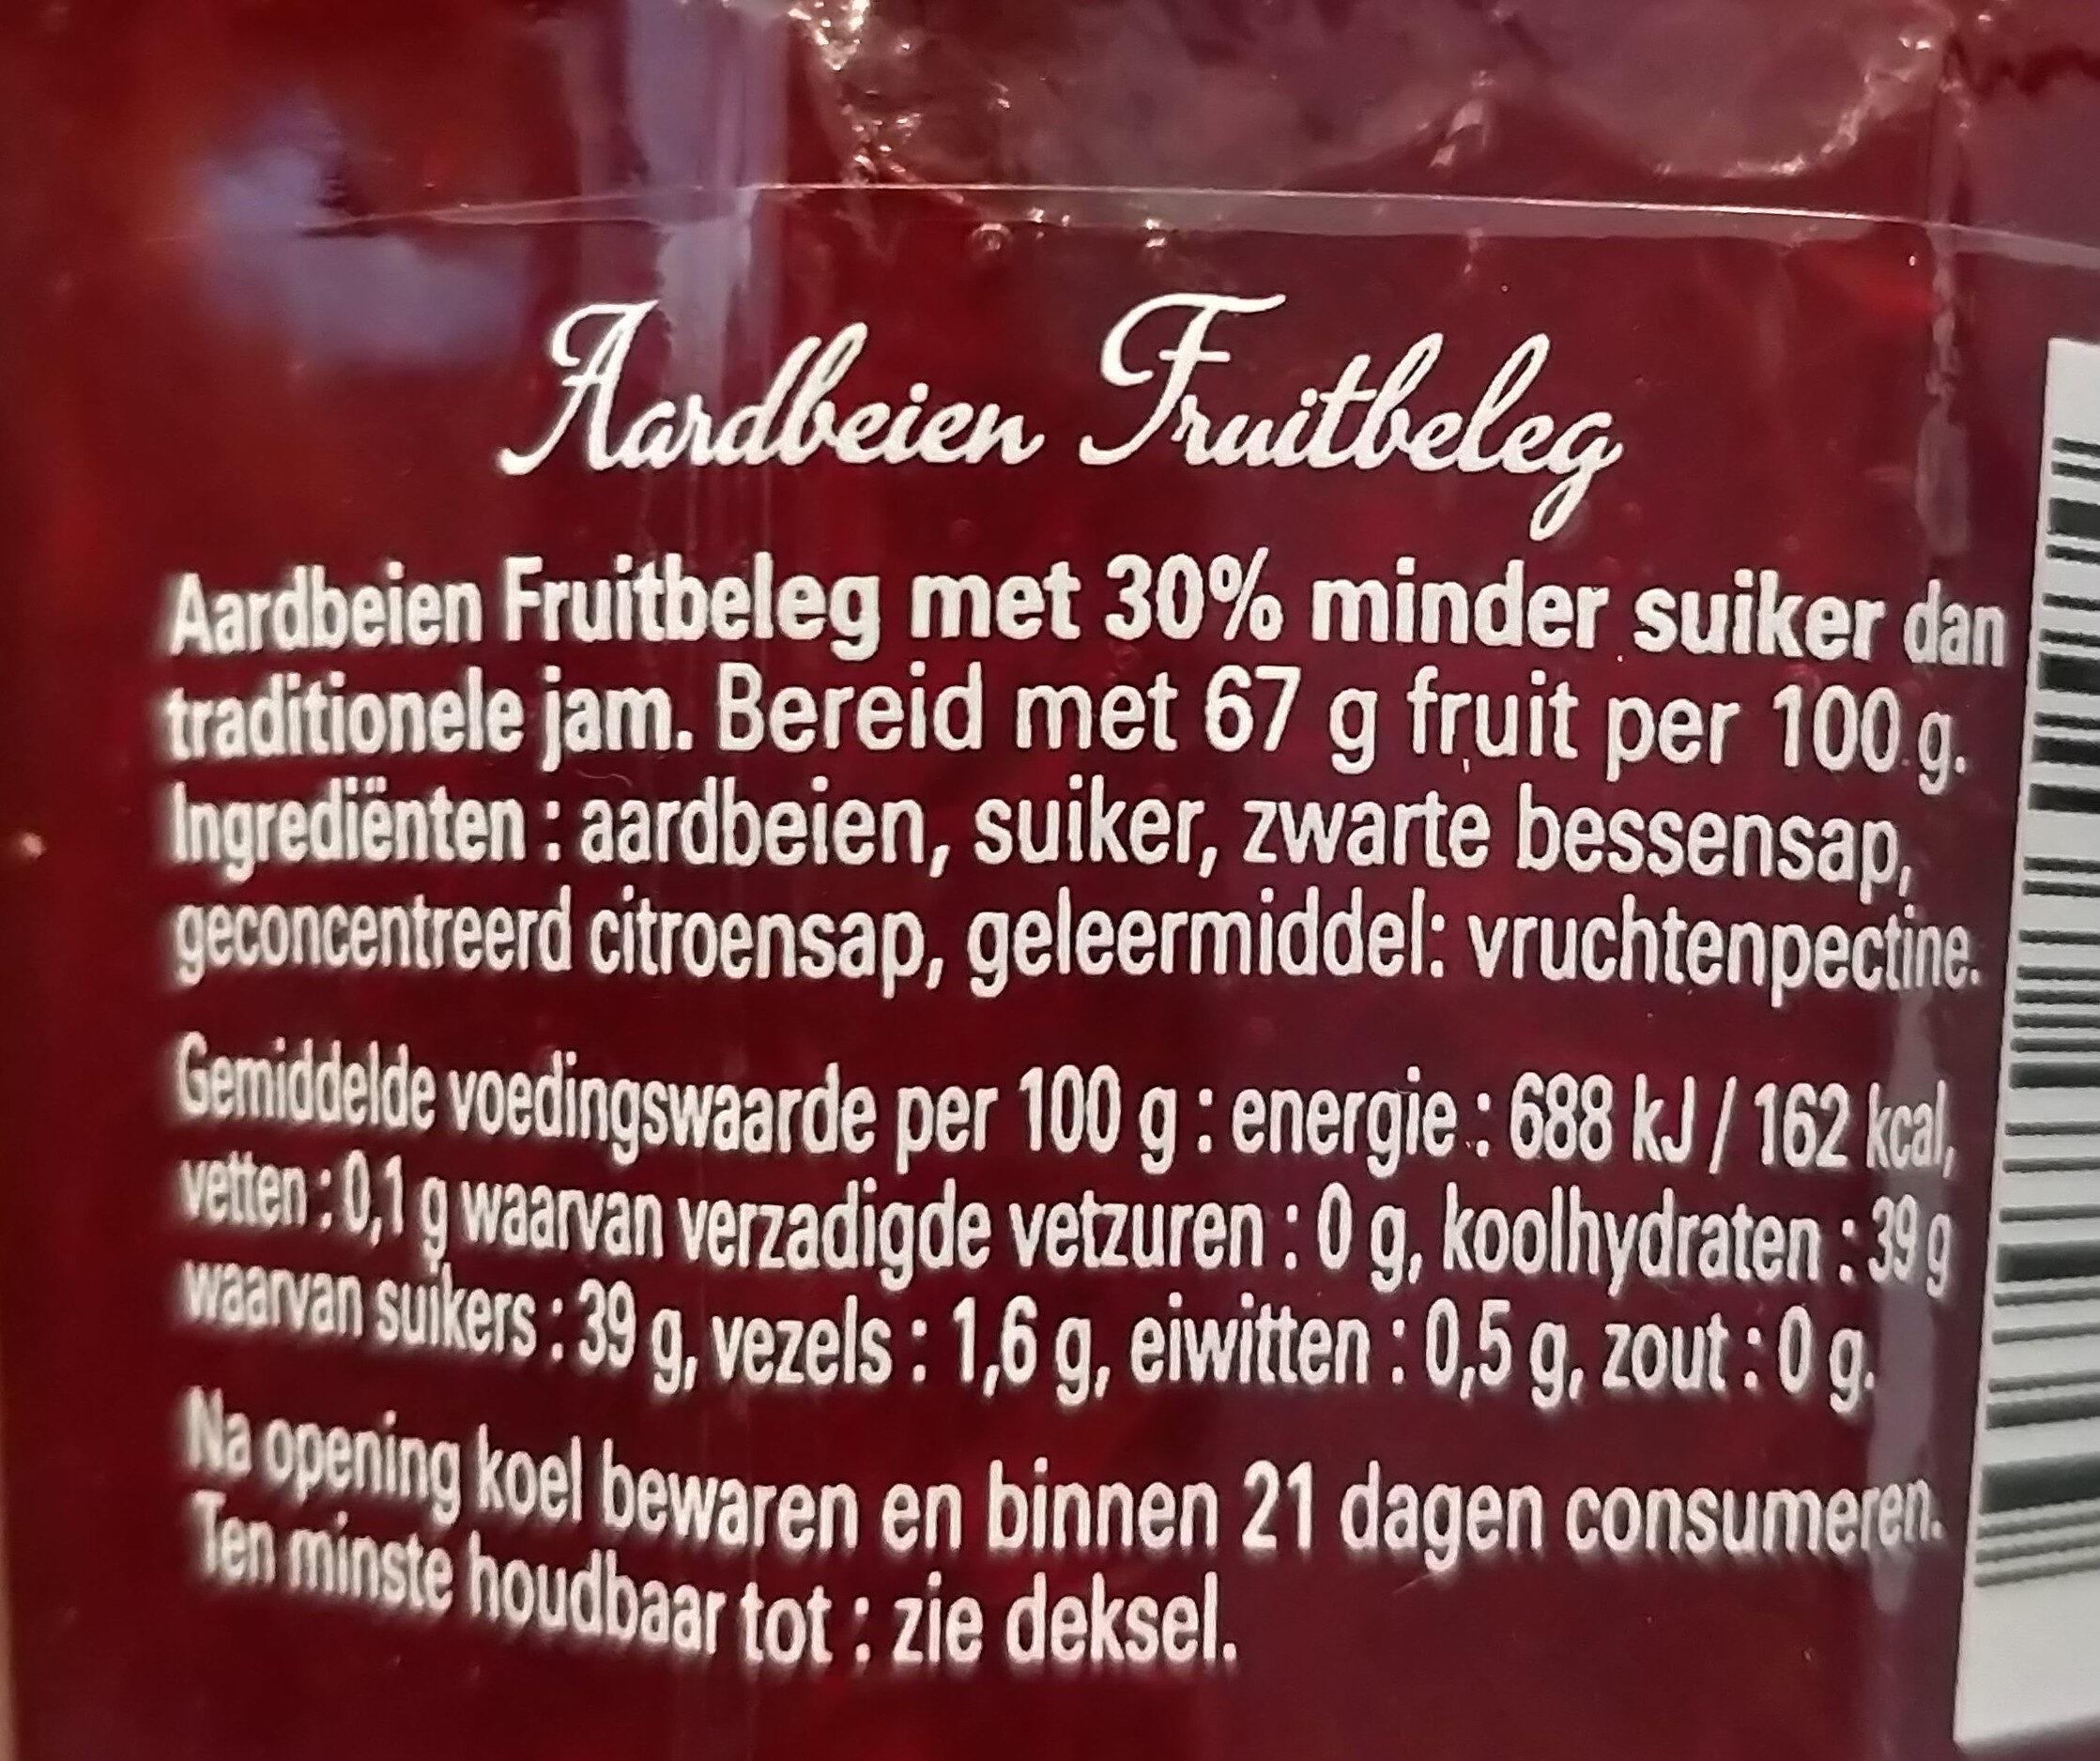 Bonne maman aardbeien meer fruit minder suiker - Ingredients - nl